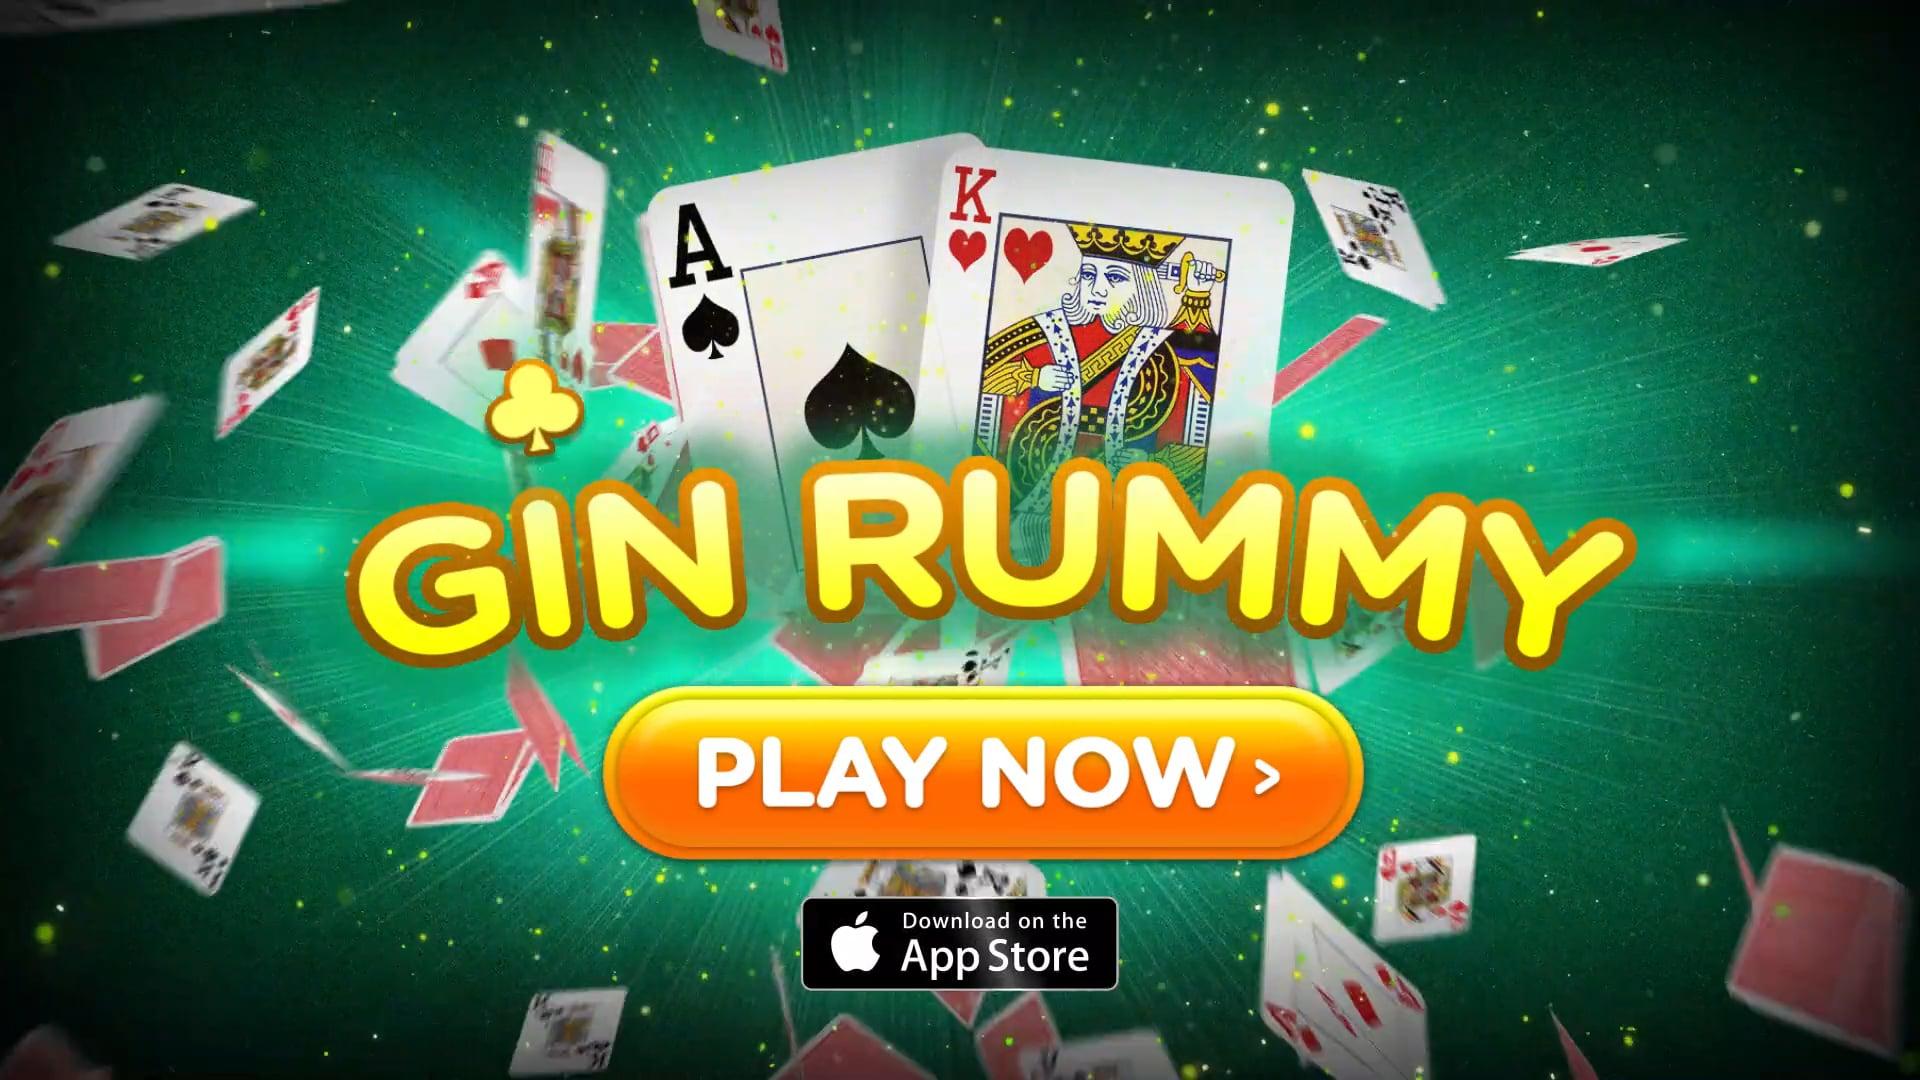 FM Games - Gin Rummy